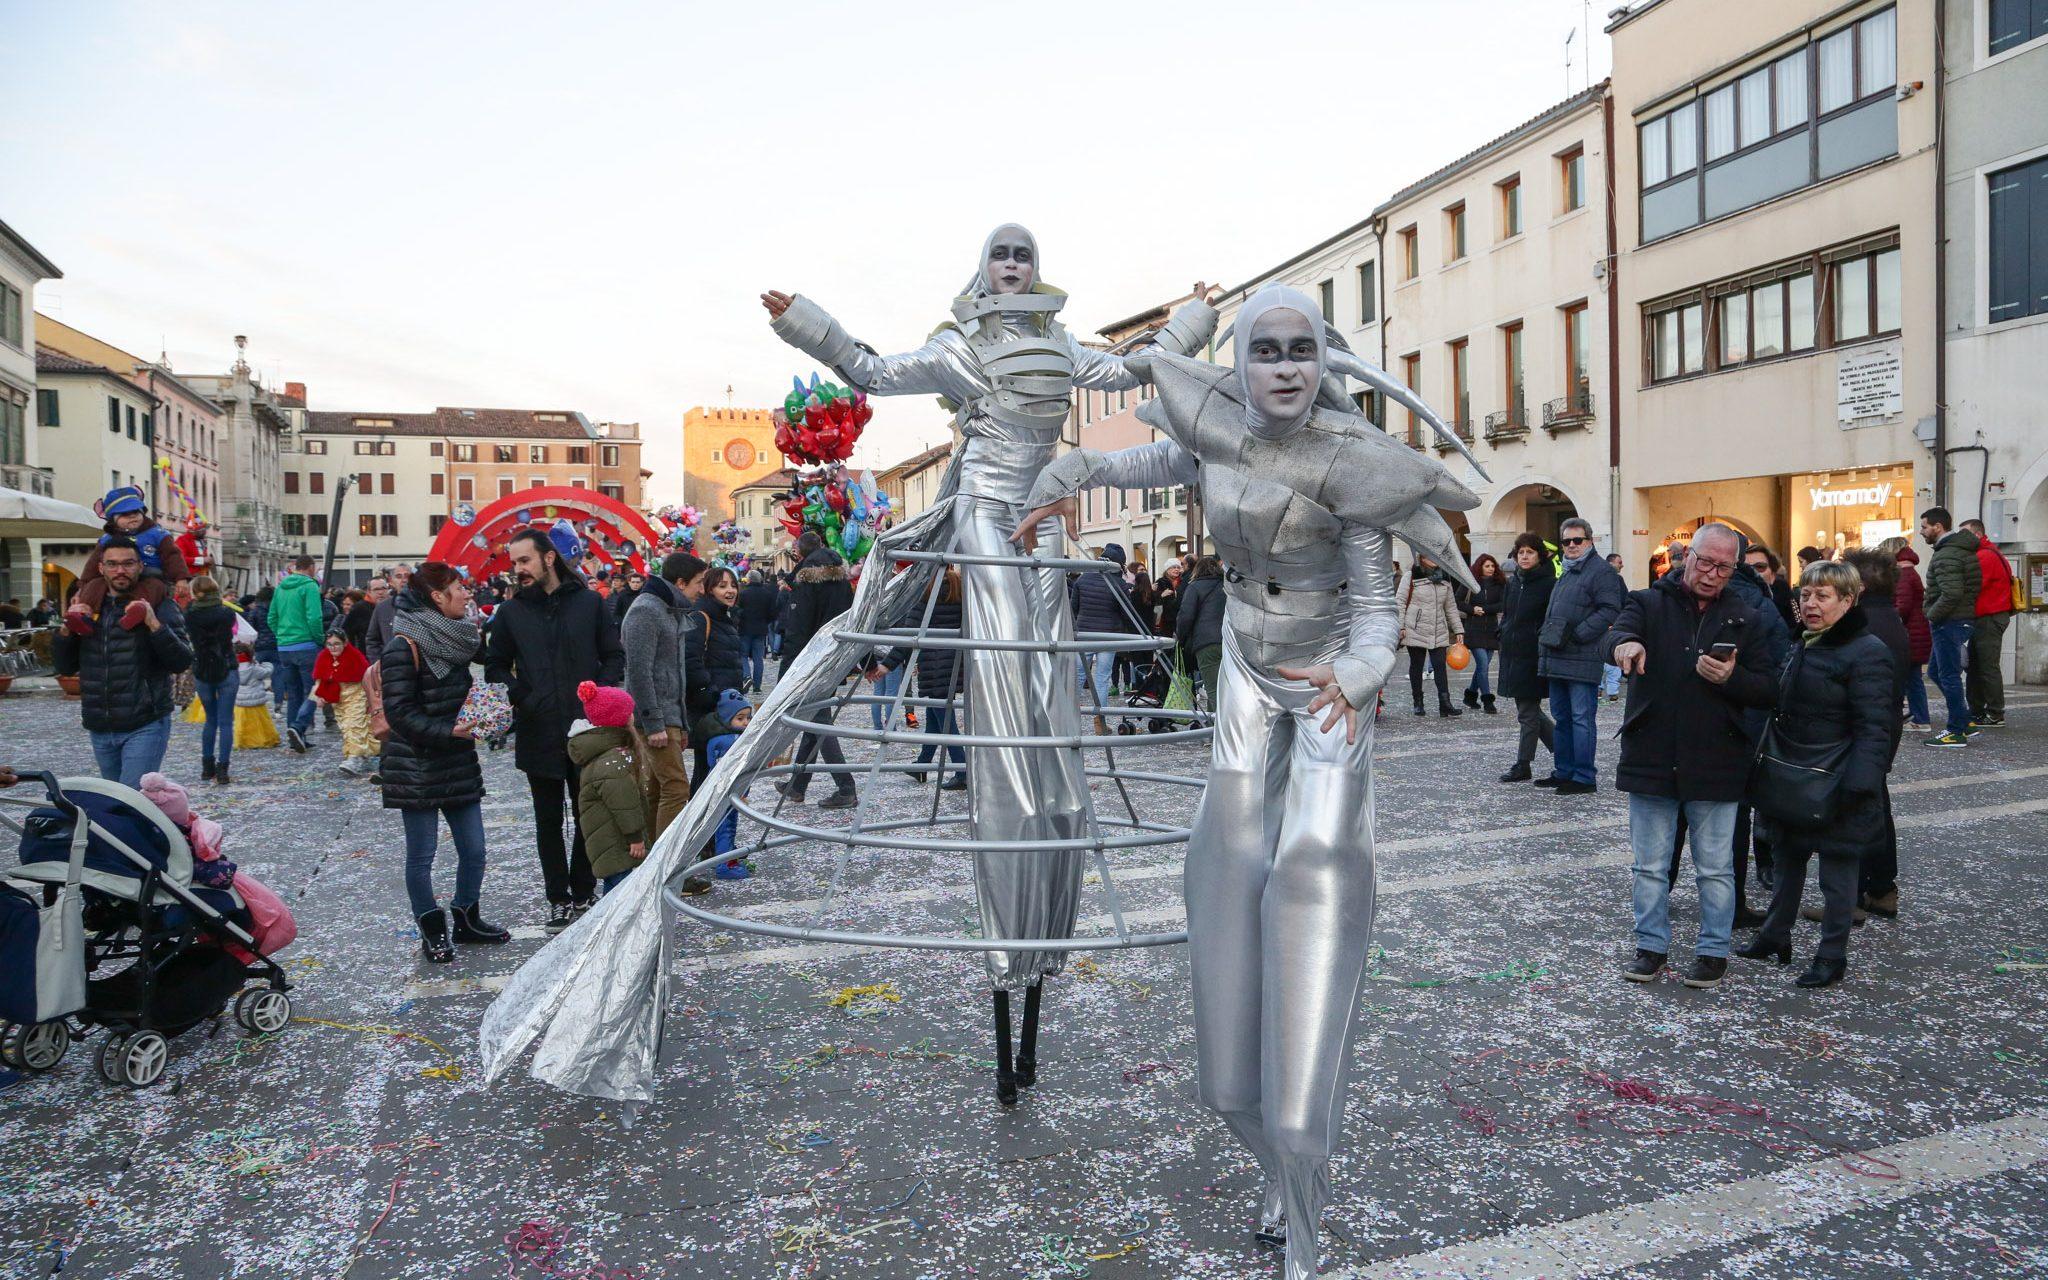 Arte diffusa del Mestre Carnival Street Show 3 marzo - Carnevale di ... 6edd655c417